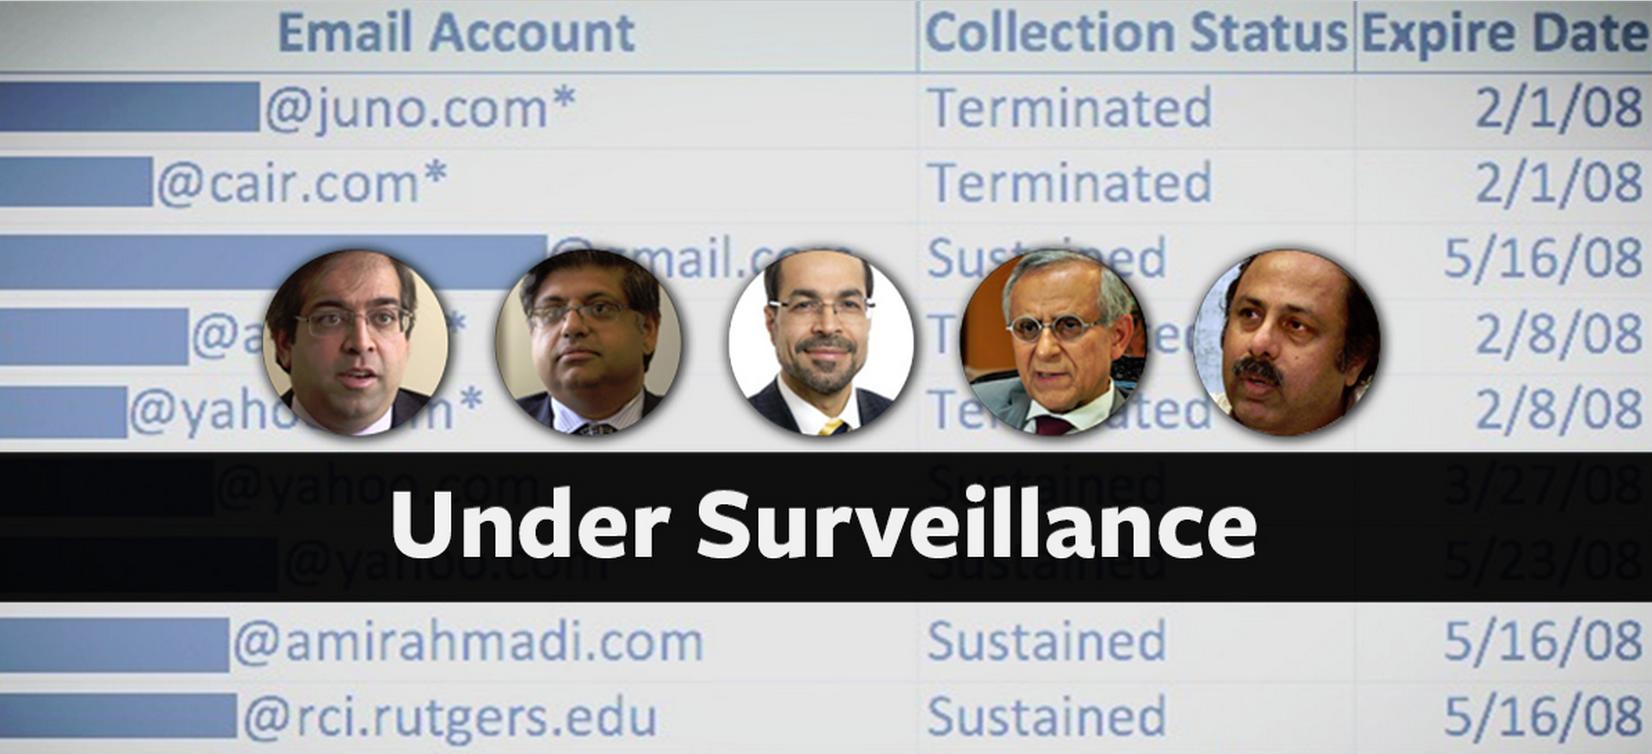 Intercept Under Surveillance